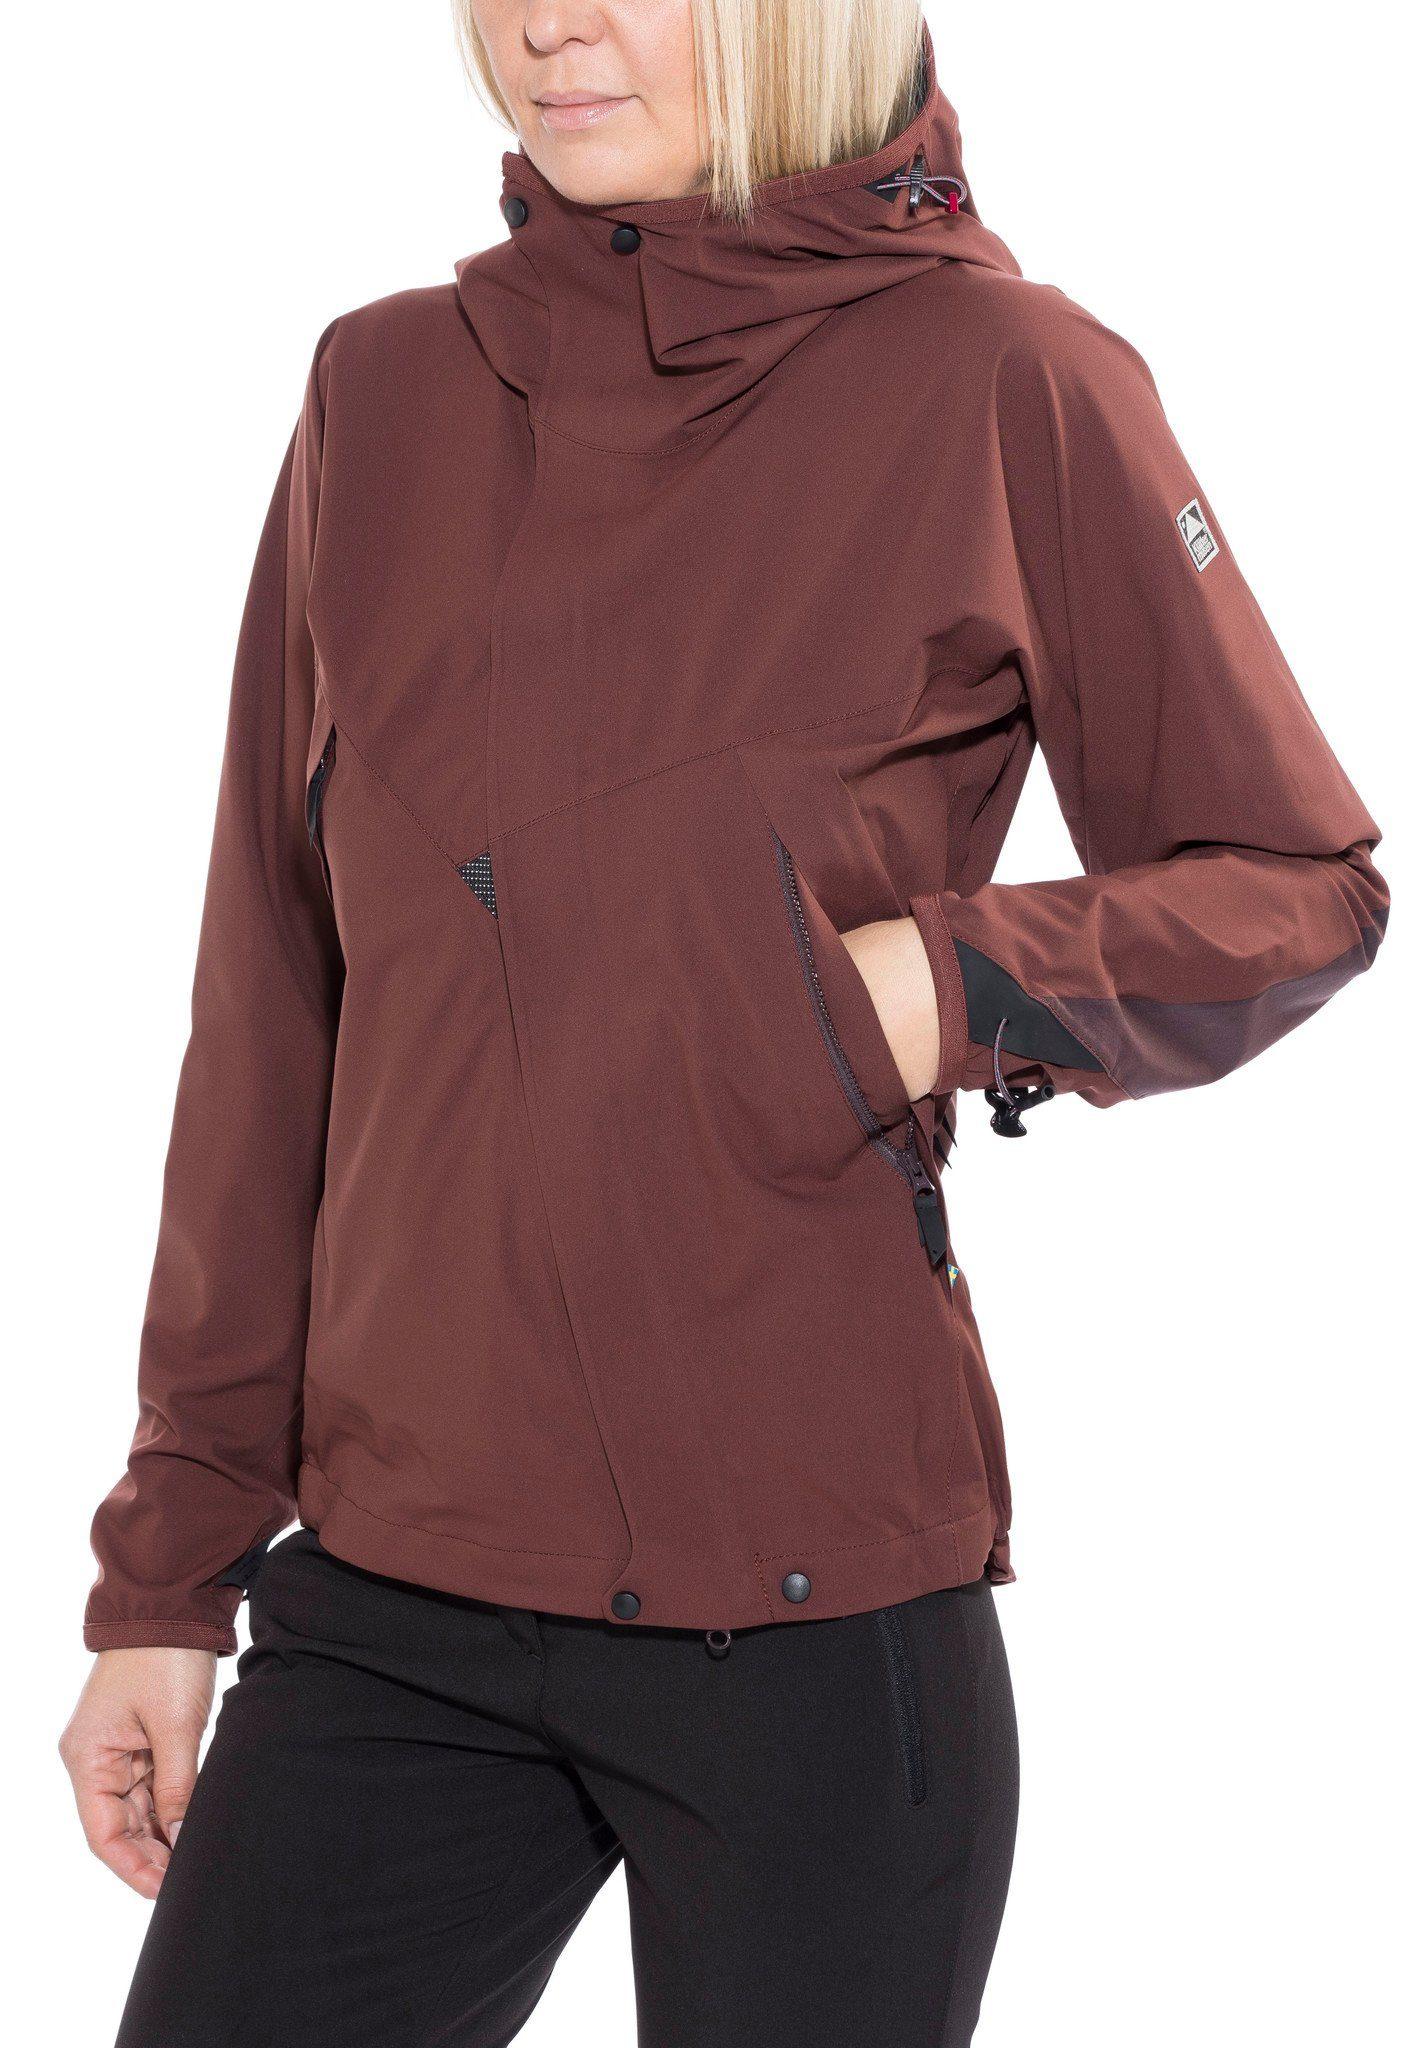 Verarbeitung In Treu 2018 Hohe Qualität Frauen Taille Tasche Mode Pailletten Leder Messenger Tasche Lässig Brust Tasche Reise Multi-funktion Taille Taschen Exquisite